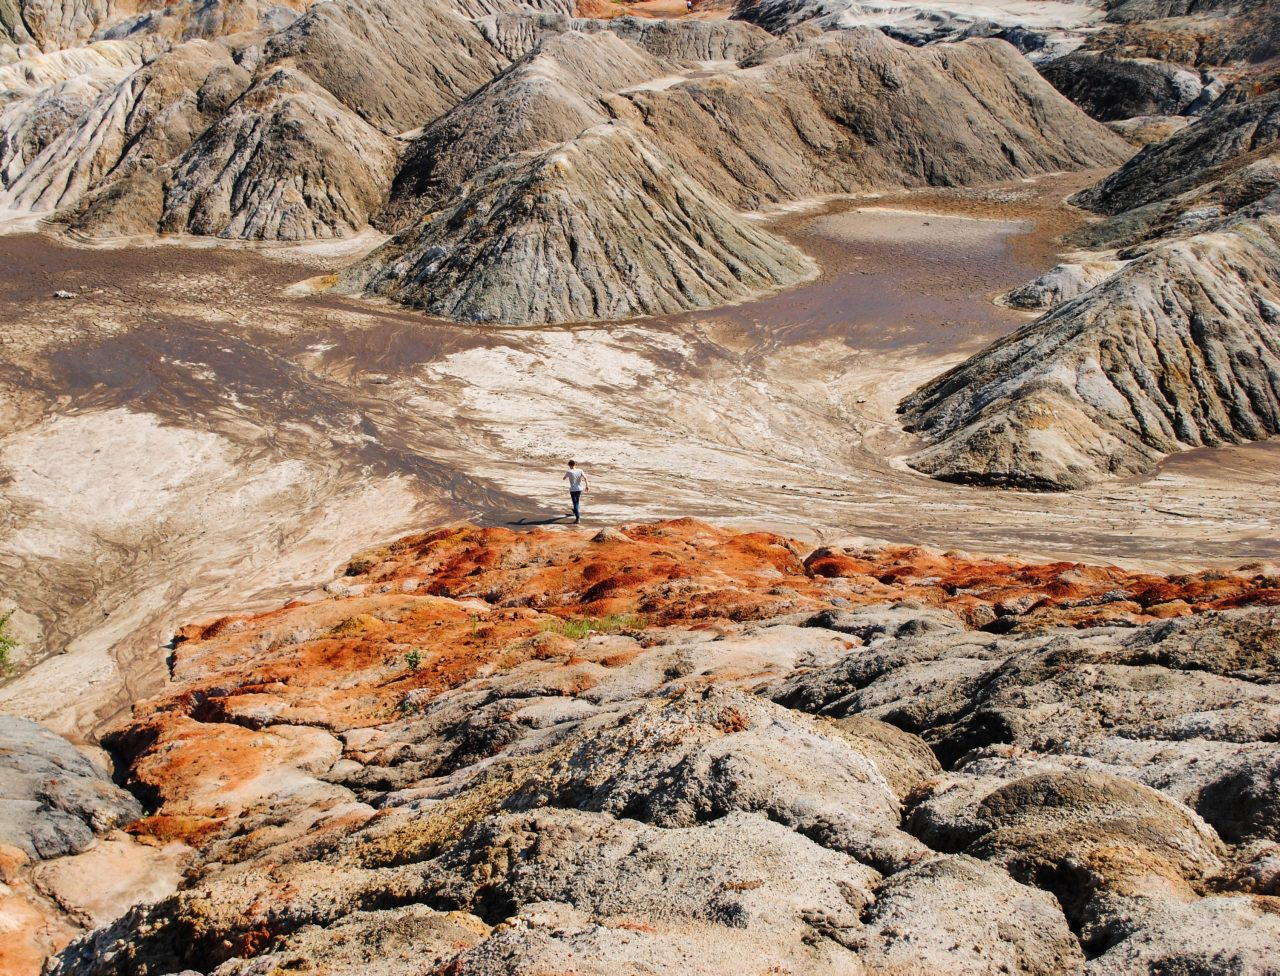 Свердловская область, Урал, уральский Марс, марсианская пустыня, богдановичские глиняные карьеры